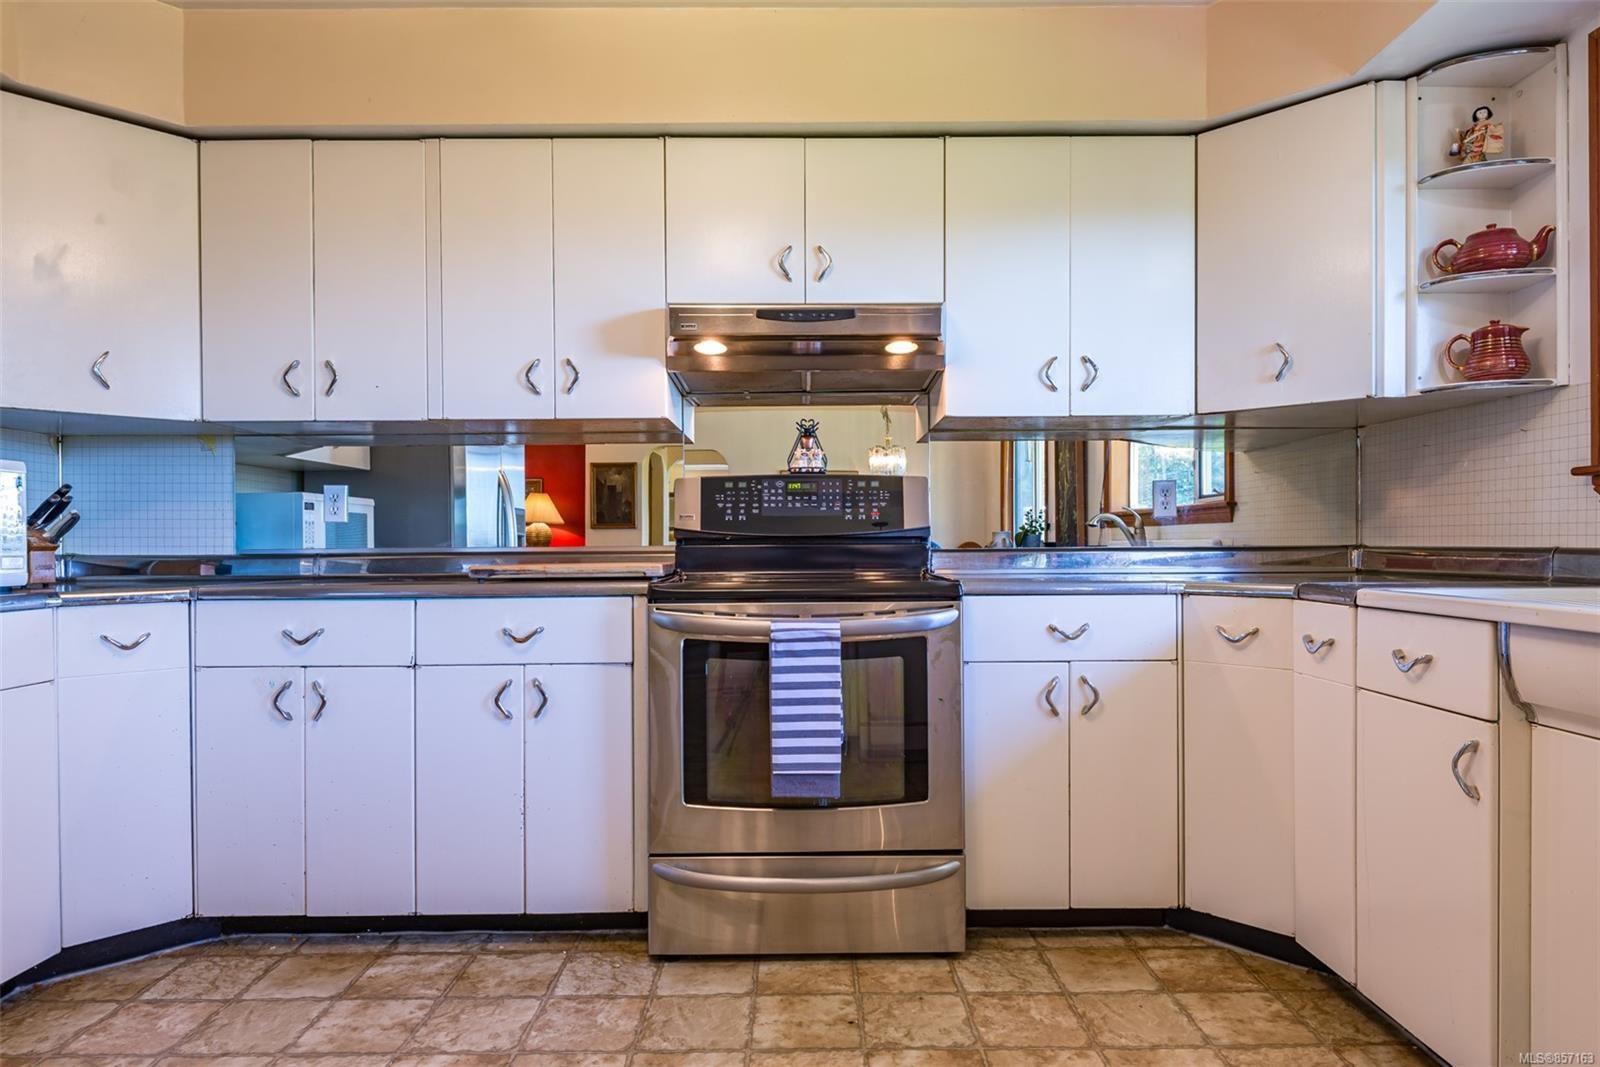 Photo 16: Photos: 4241 Buddington Rd in : CV Courtenay South House for sale (Comox Valley)  : MLS®# 857163